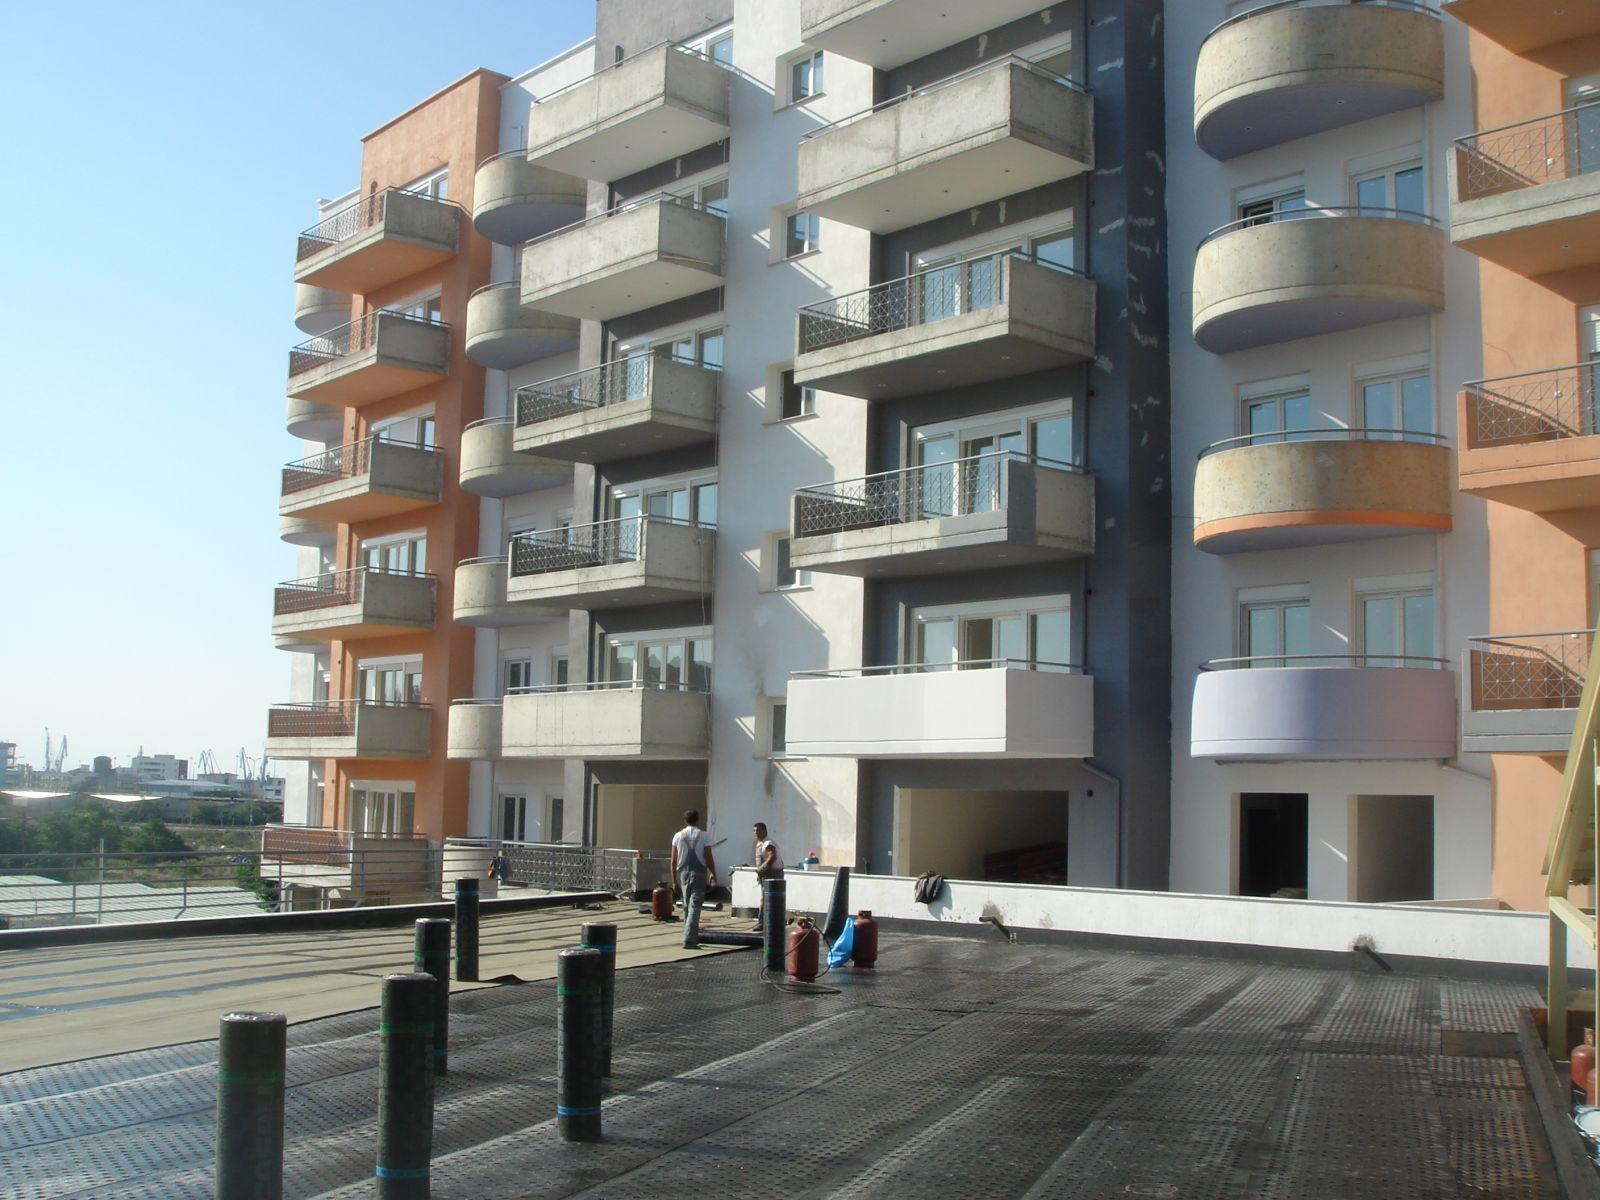 Θερμομόνωση βατού δώματος με Politerm Blu σε συκγρότημα κατοικιών στην Θεσσαλονίκη επιφάνειας 1.000sqm